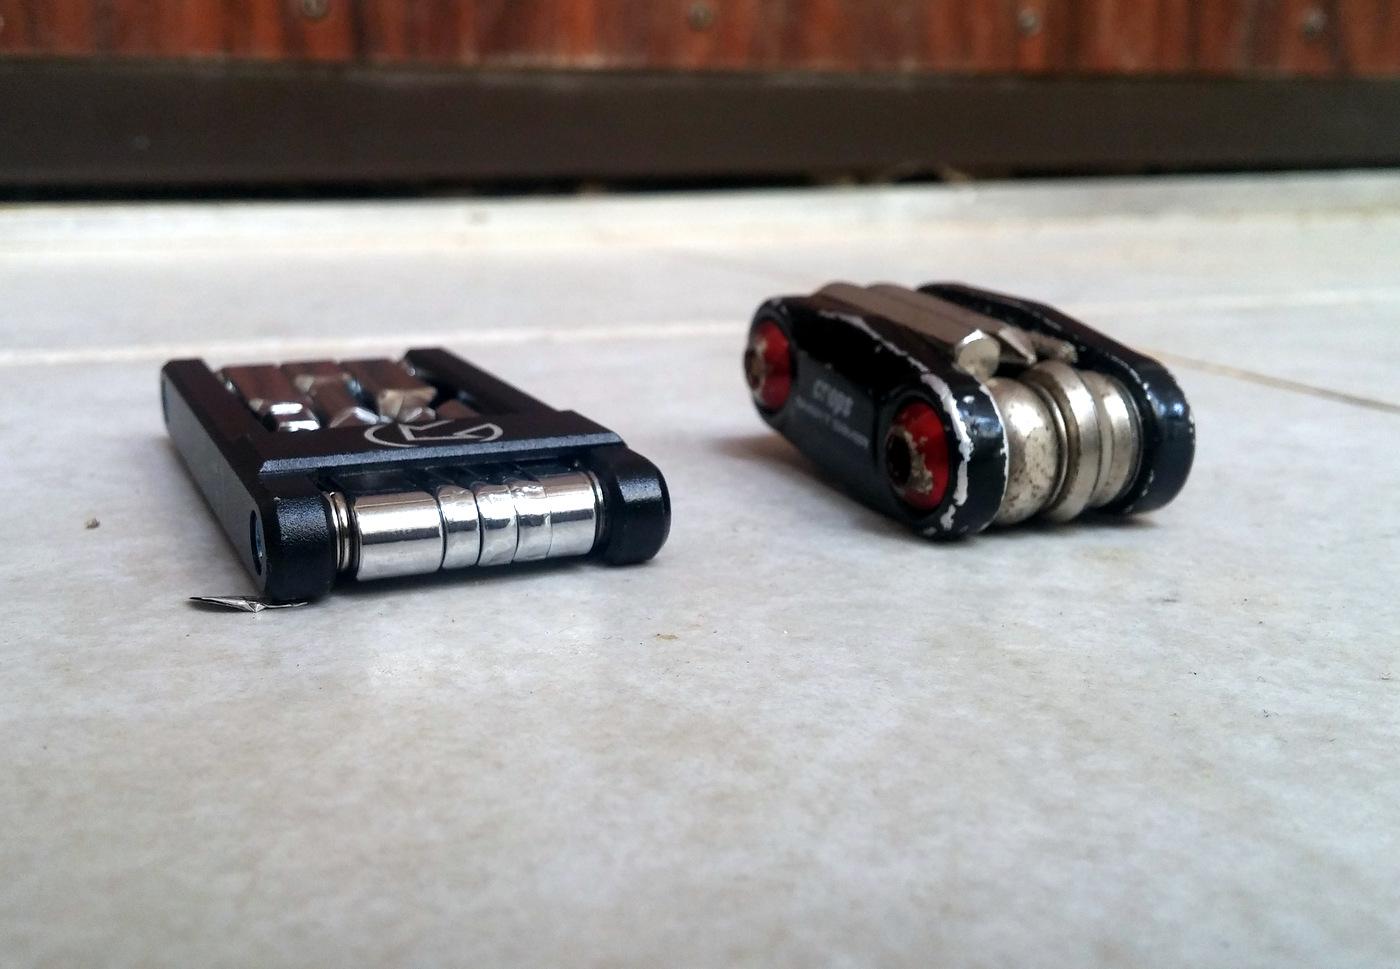 מימין: הכלי הישן שלי - קצרצר ושמנמן. משמאל ה Pro החדש: רזה, אלגנטי, ארוך יותר והרבה יותר דק